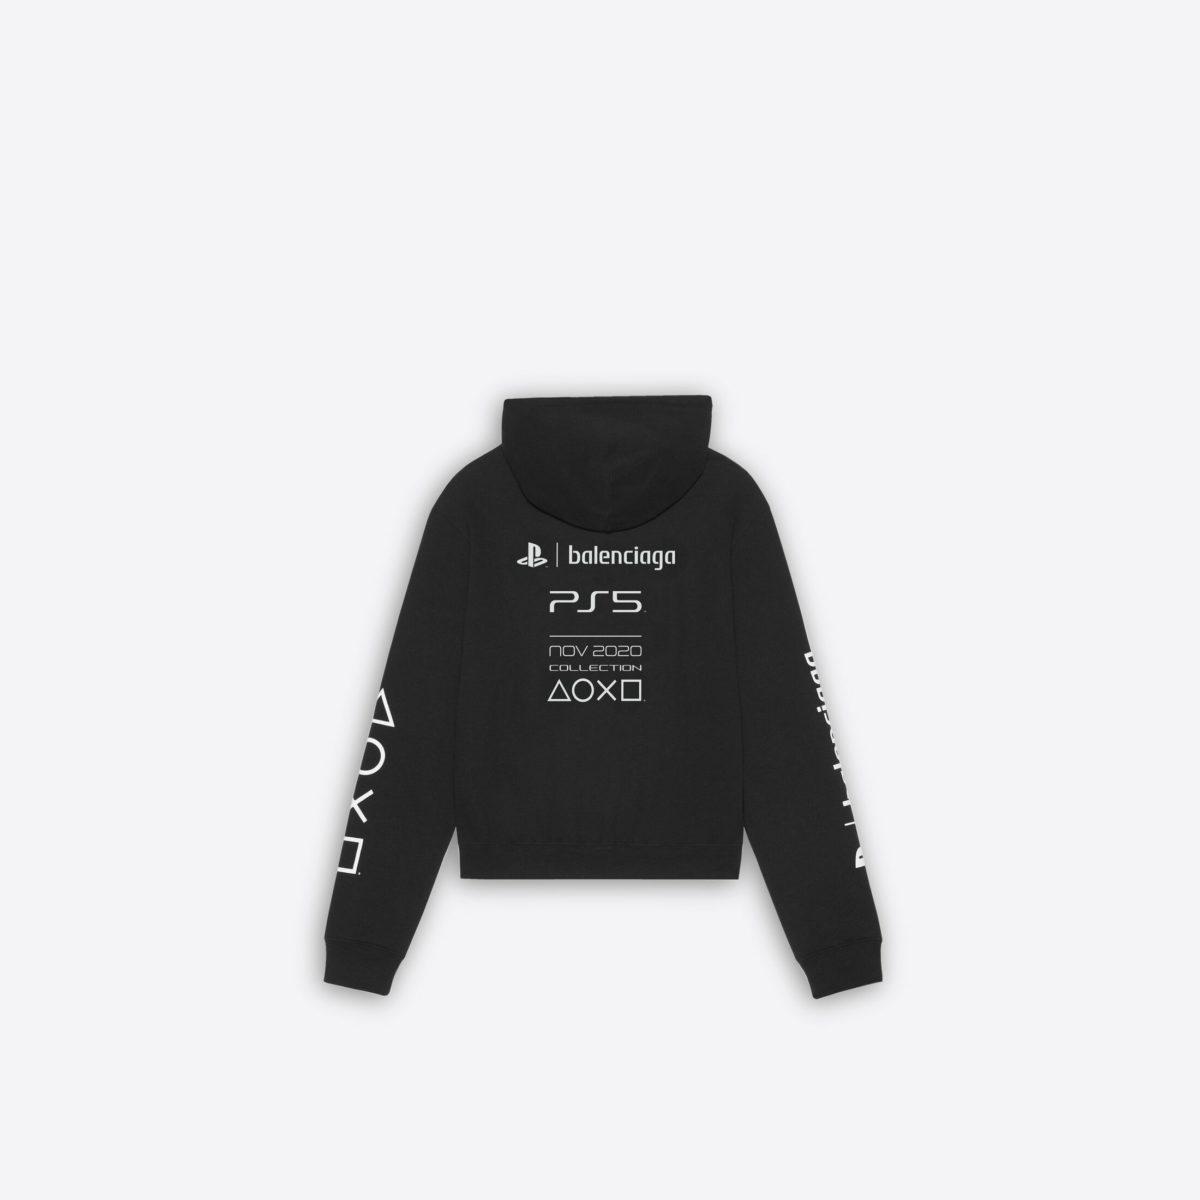 Balenciaga x PS5 衛衣背面